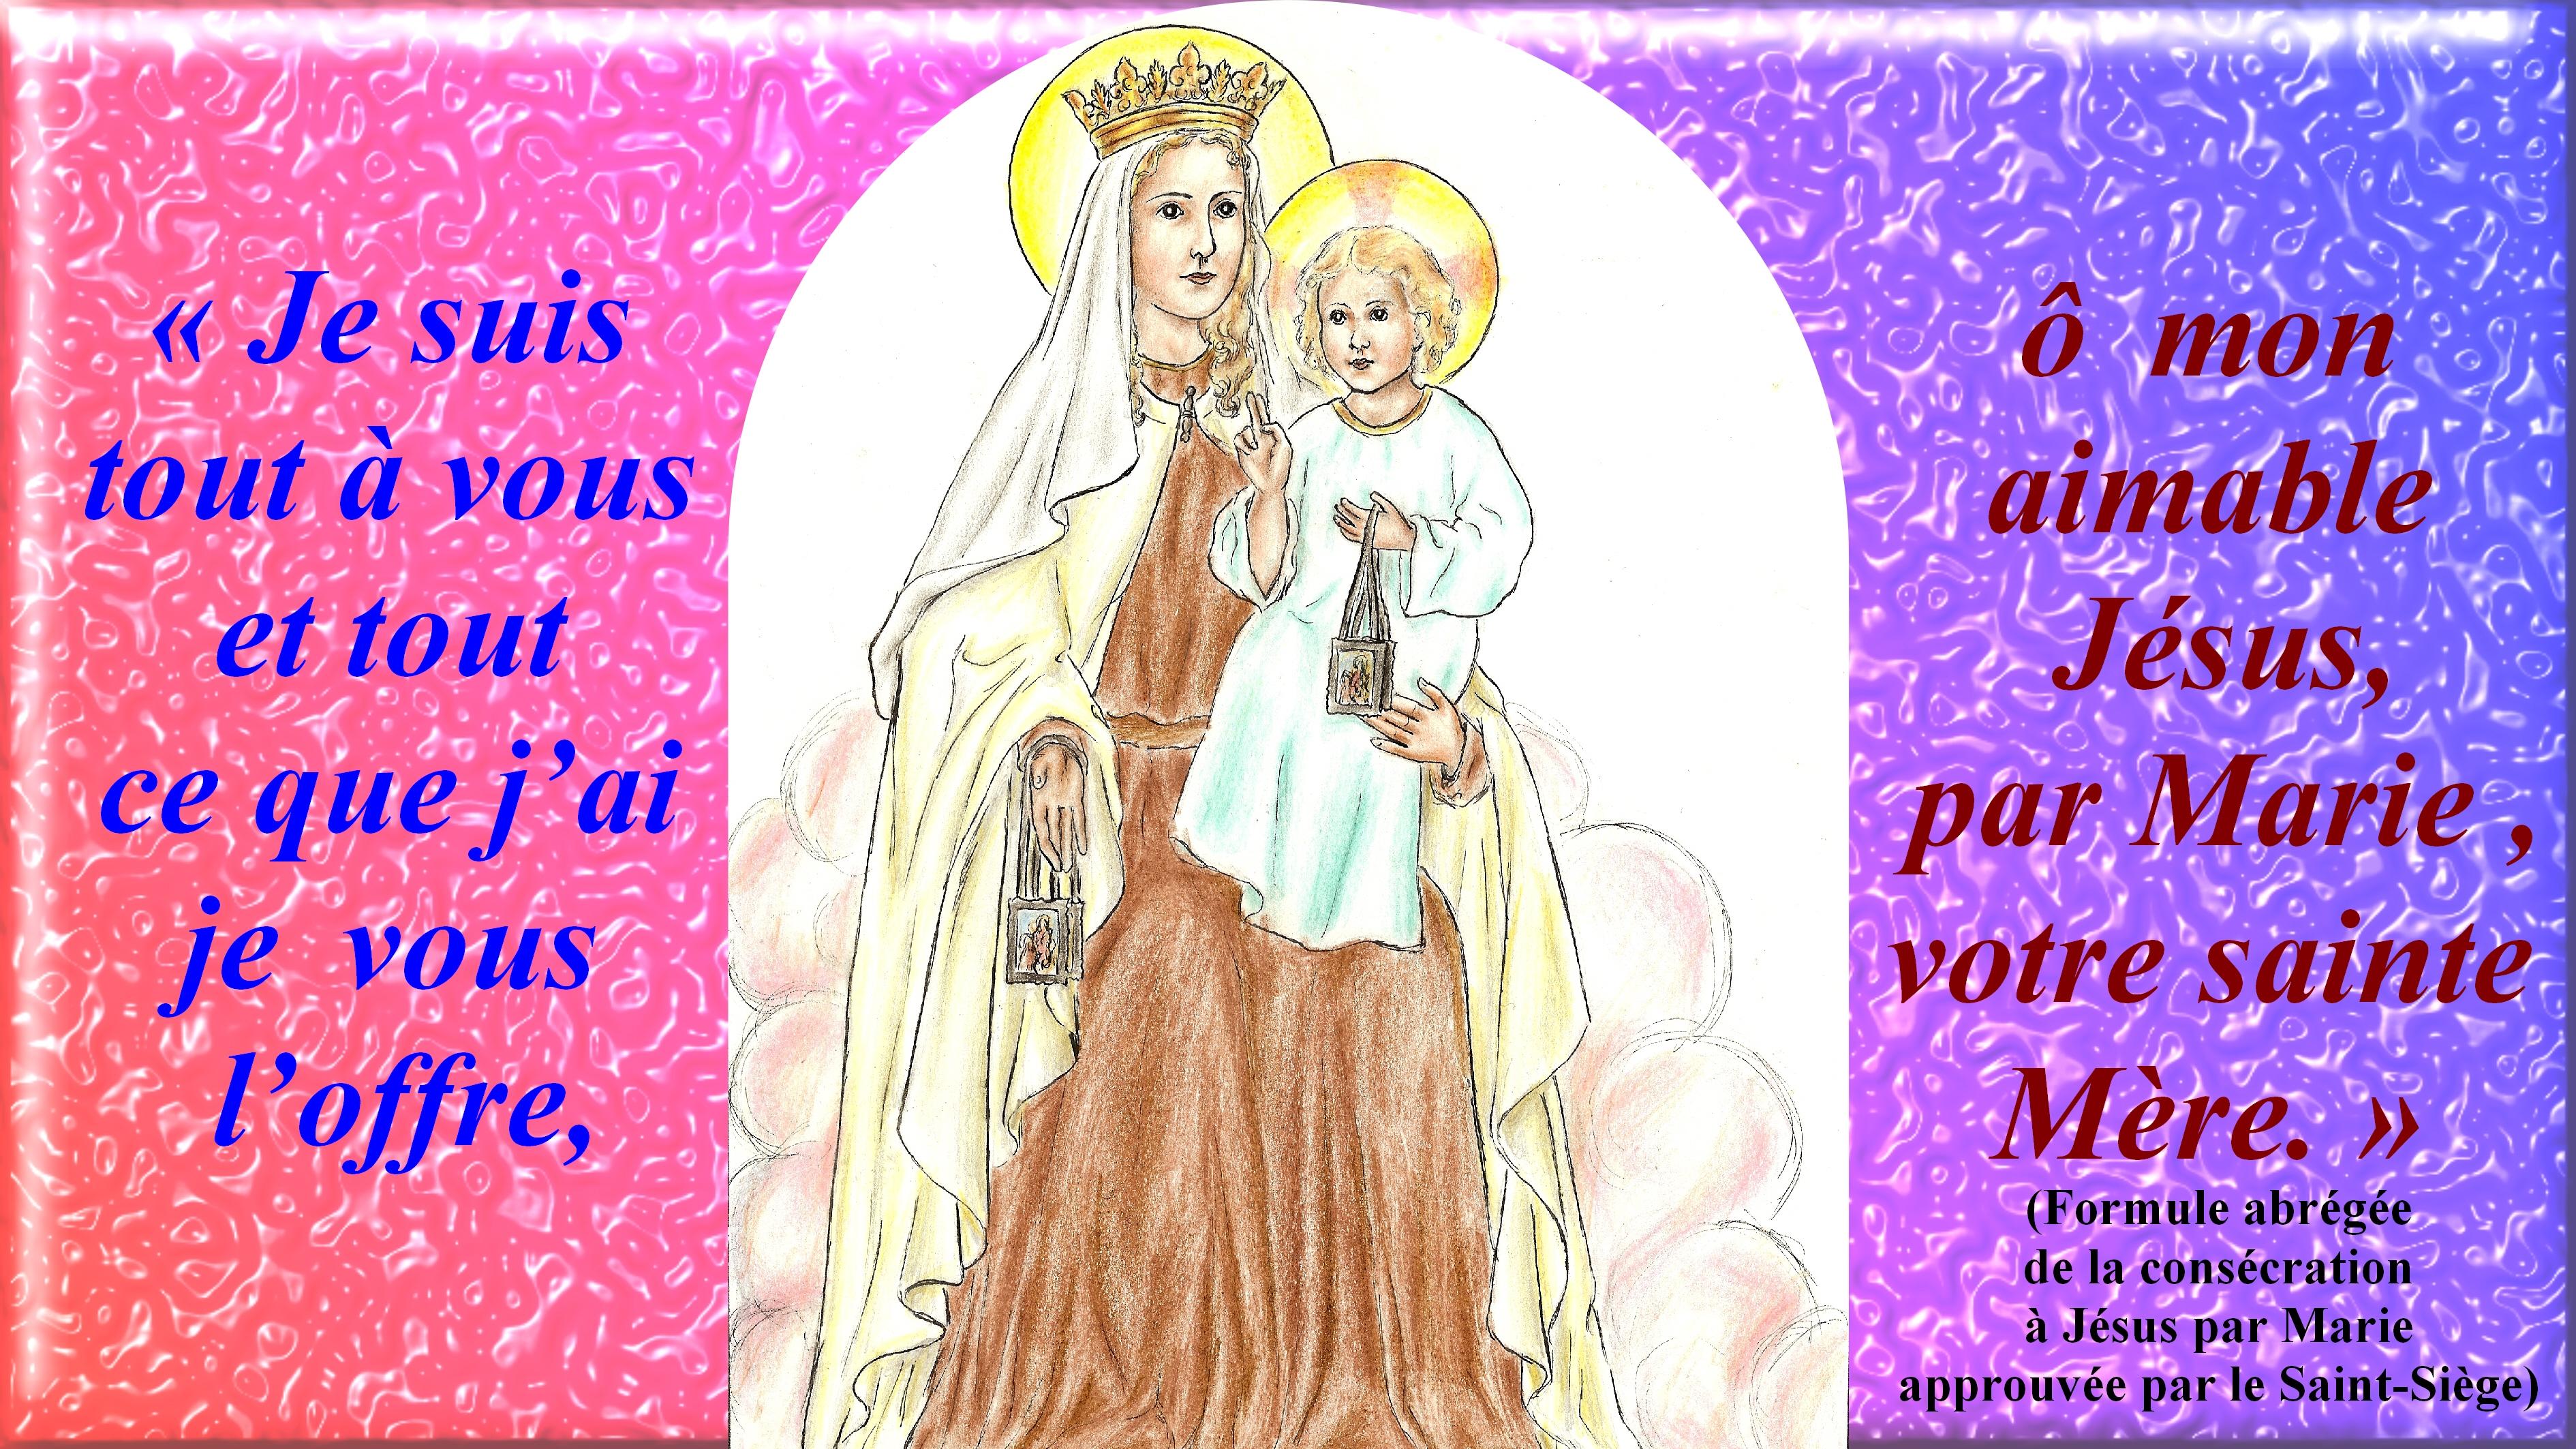 CALENDRIER CATHOLIQUE 2019 (Cantiques, Prières & Images) - Page 2 Notre-dame-du-mont-carmel-2--565ae45